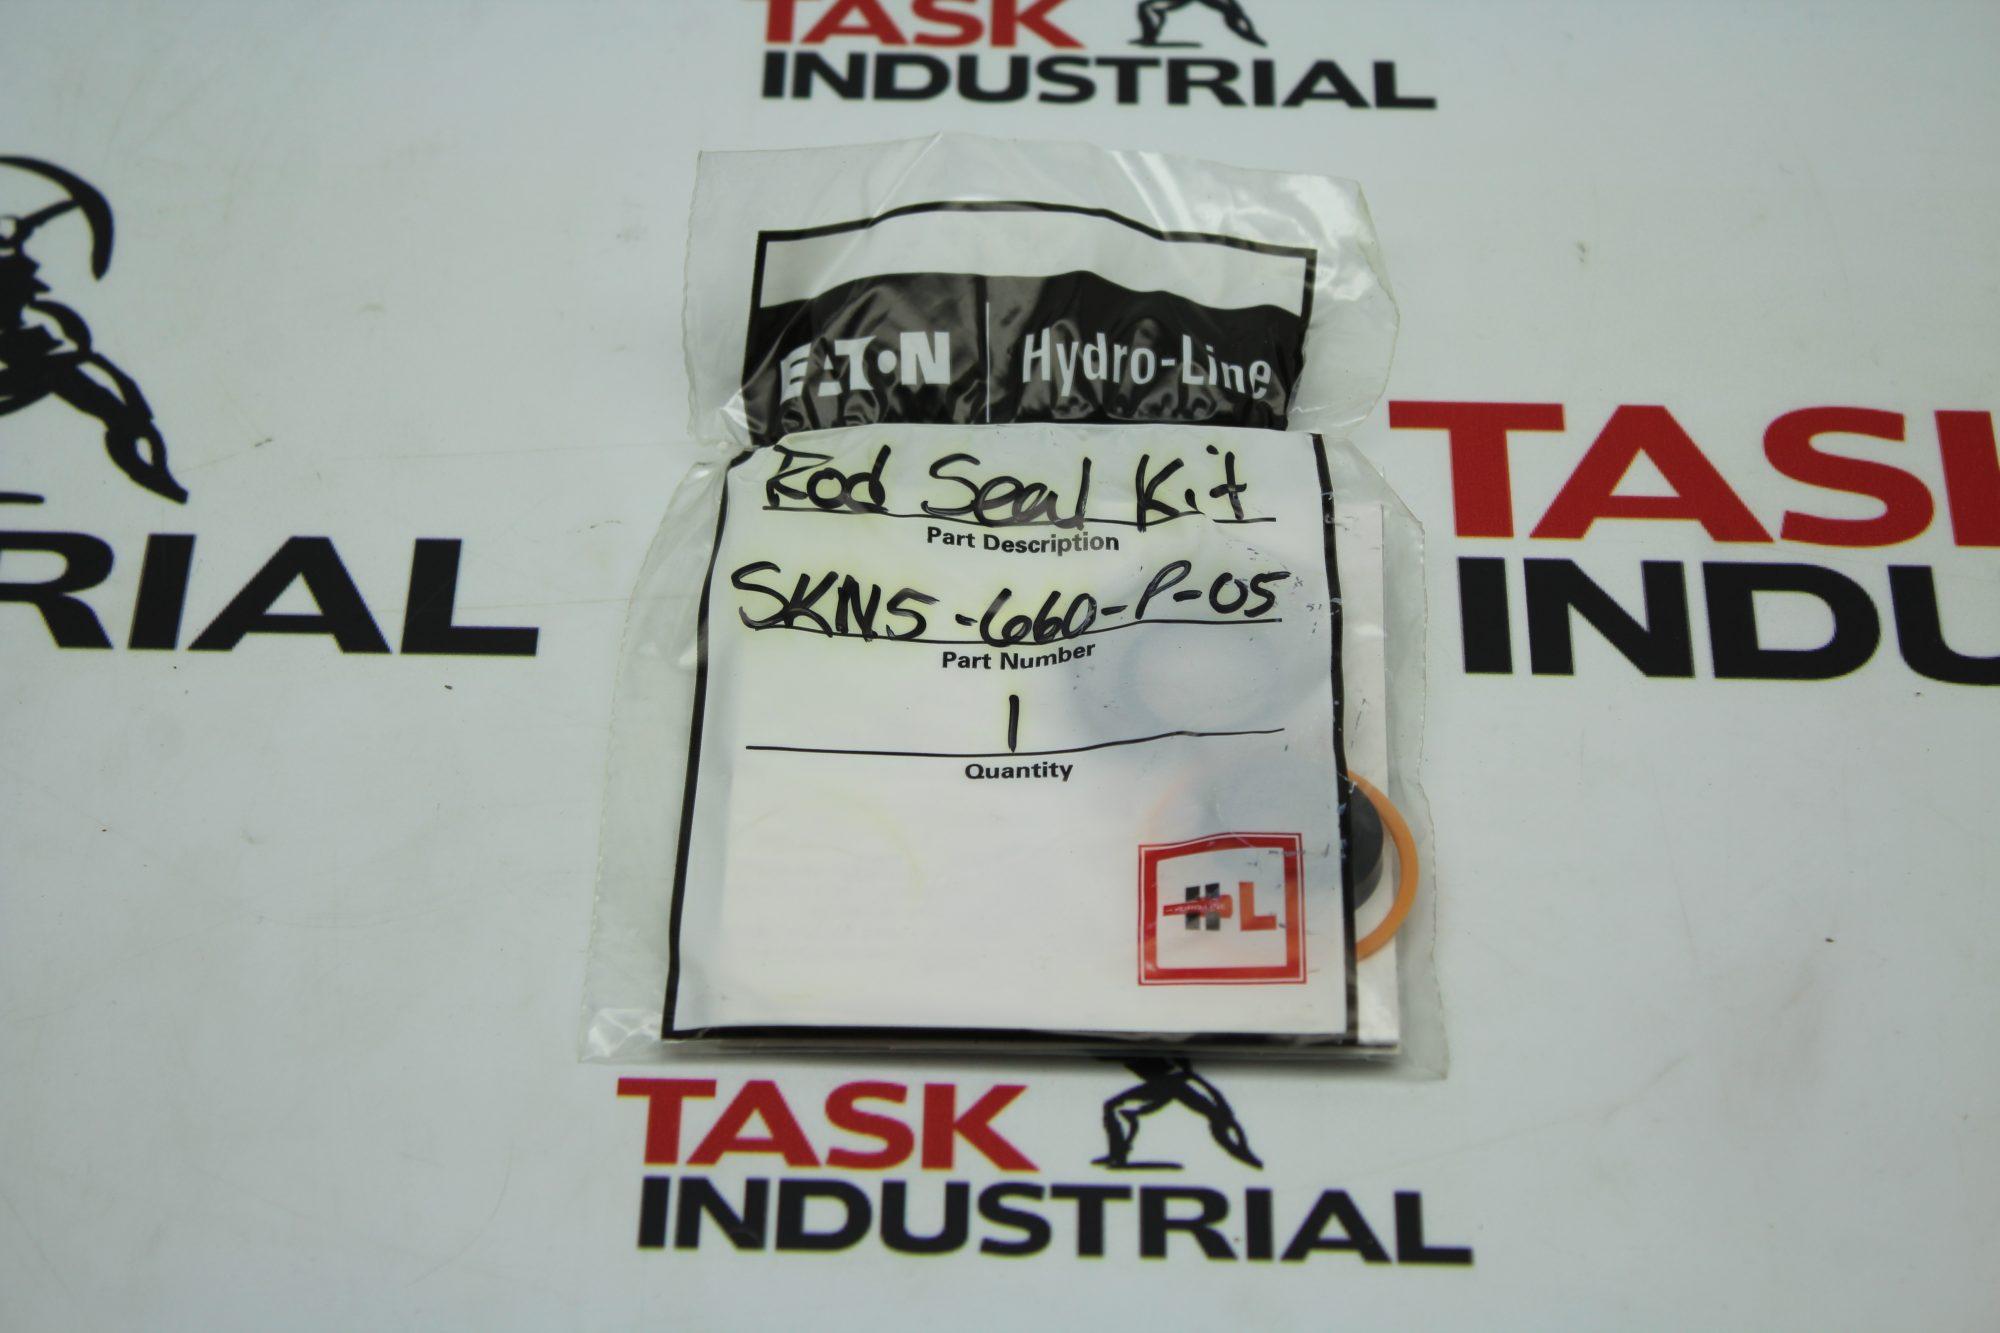 Eaton Hydro-Line Piston Seal Kit SKN5-660-P-05